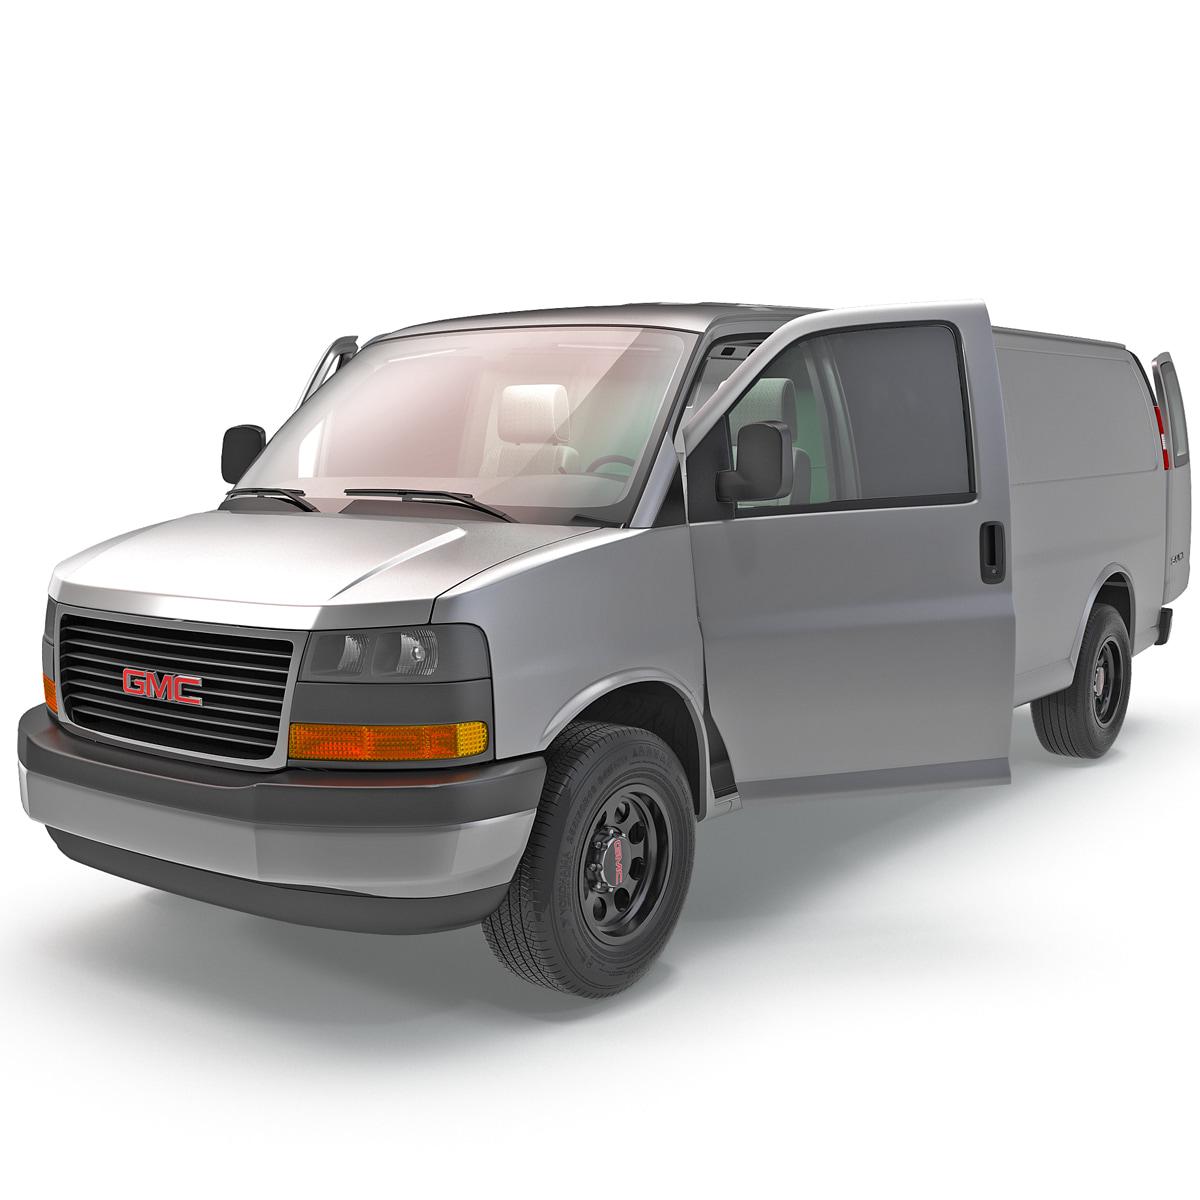 3d Model Of Gmc Savana Cargo Van